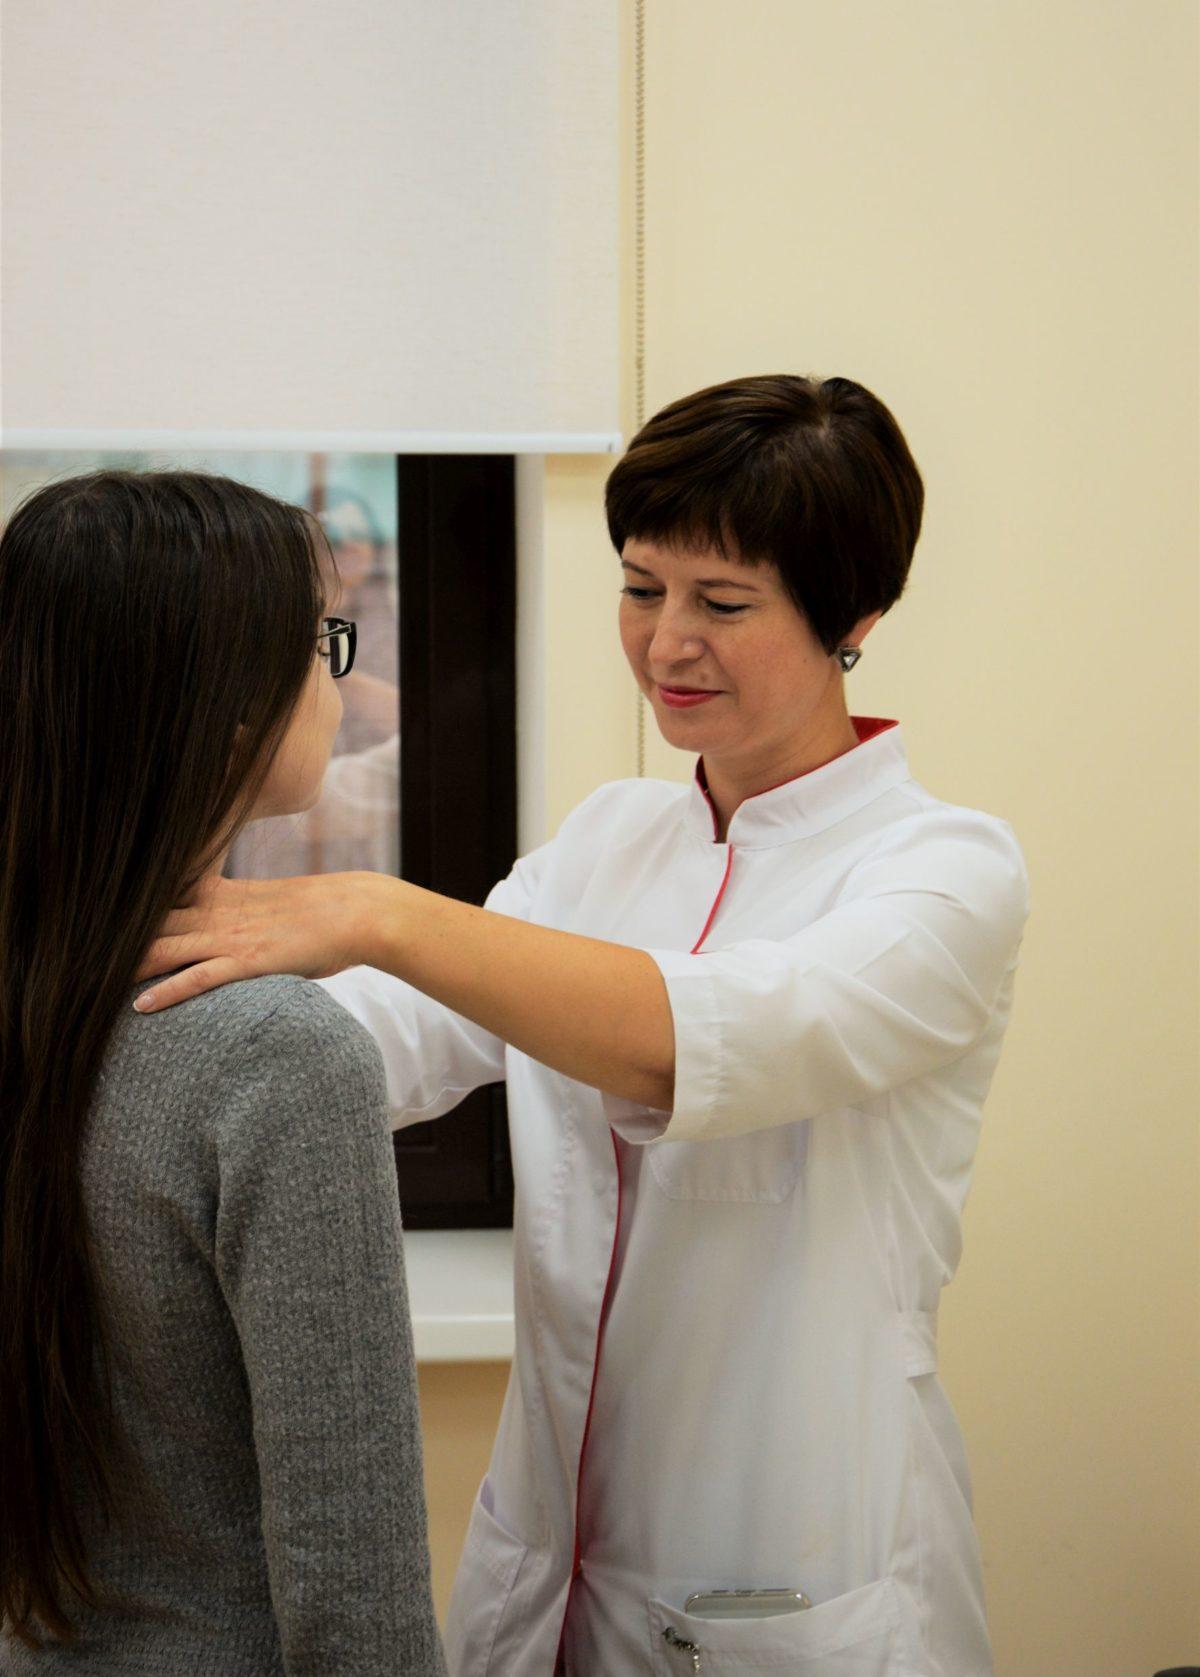 В «Олимпе Здоровья» открыт прием врача-эндокринолога Елены Киселевой